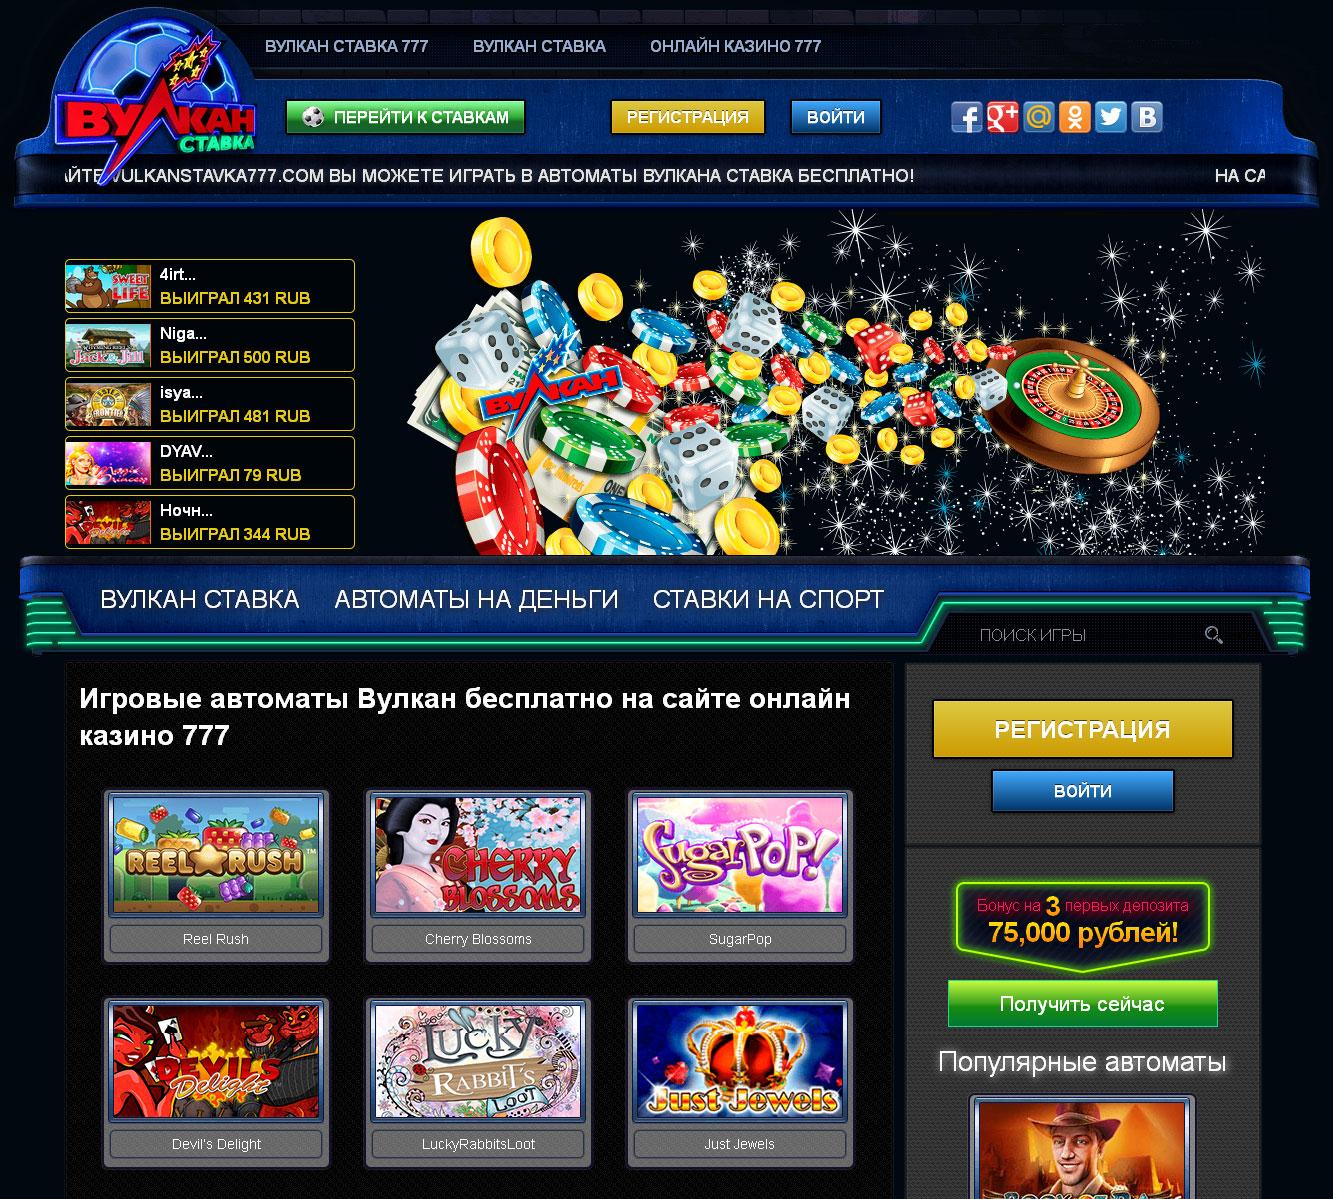 Азино777 официальный сайт вход с компьютера бесплатно